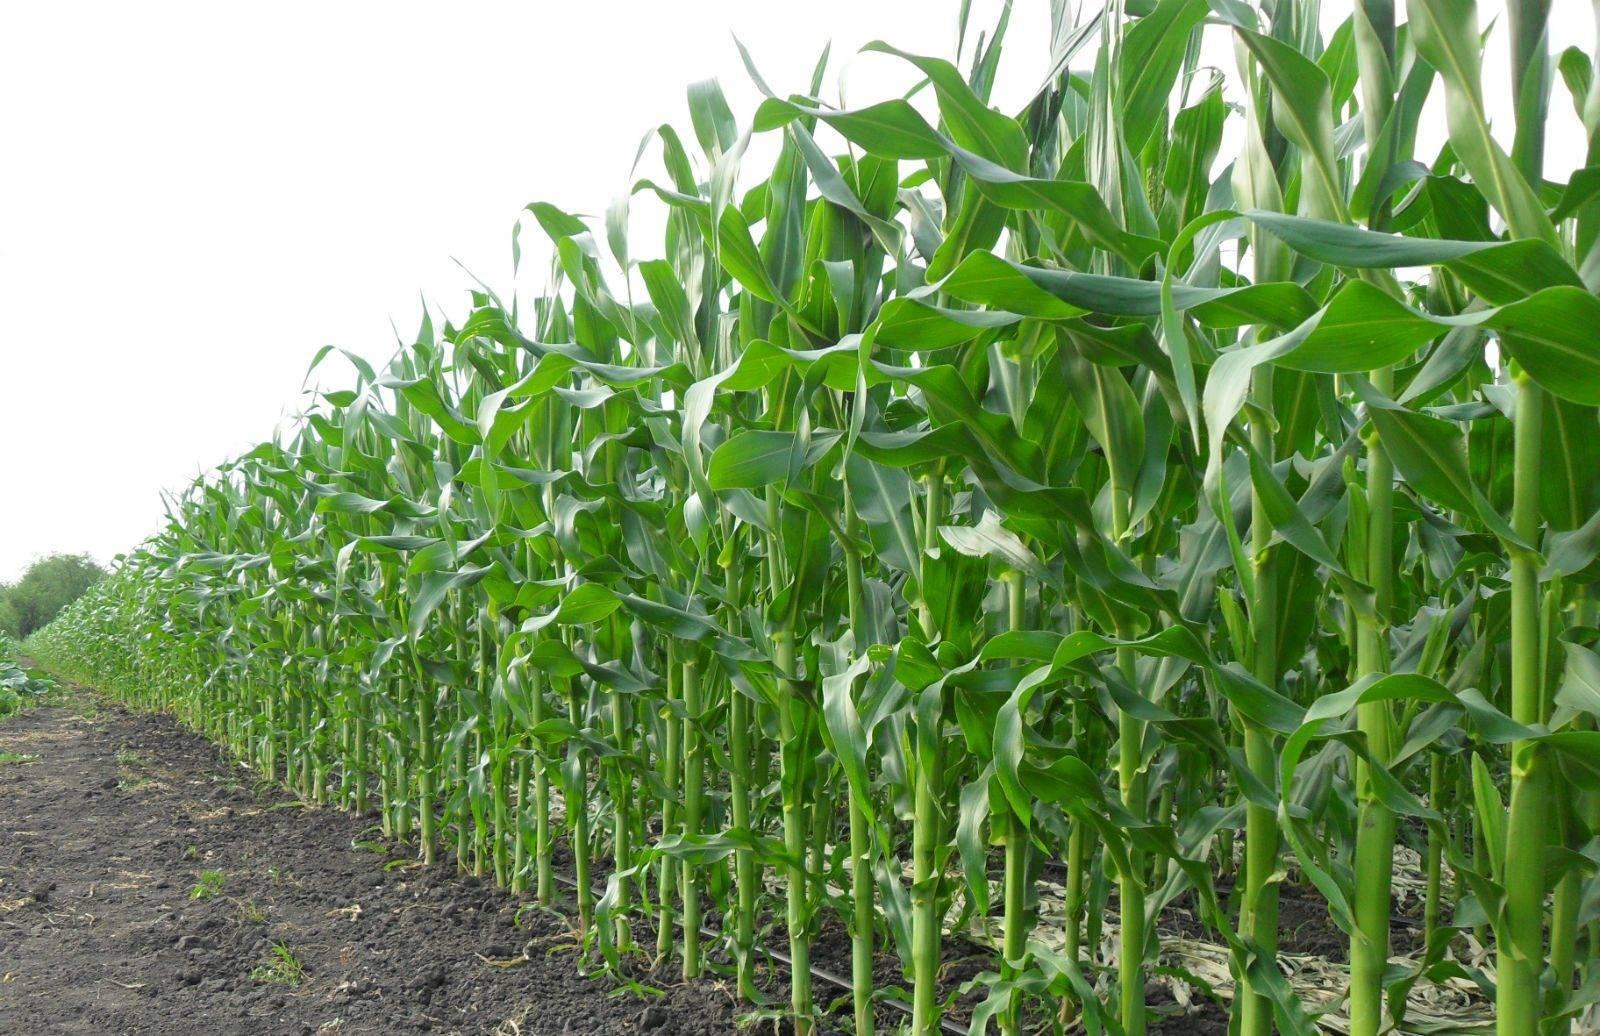 Как правильно сажать кукурузу и ухаживать за ней после посадки?